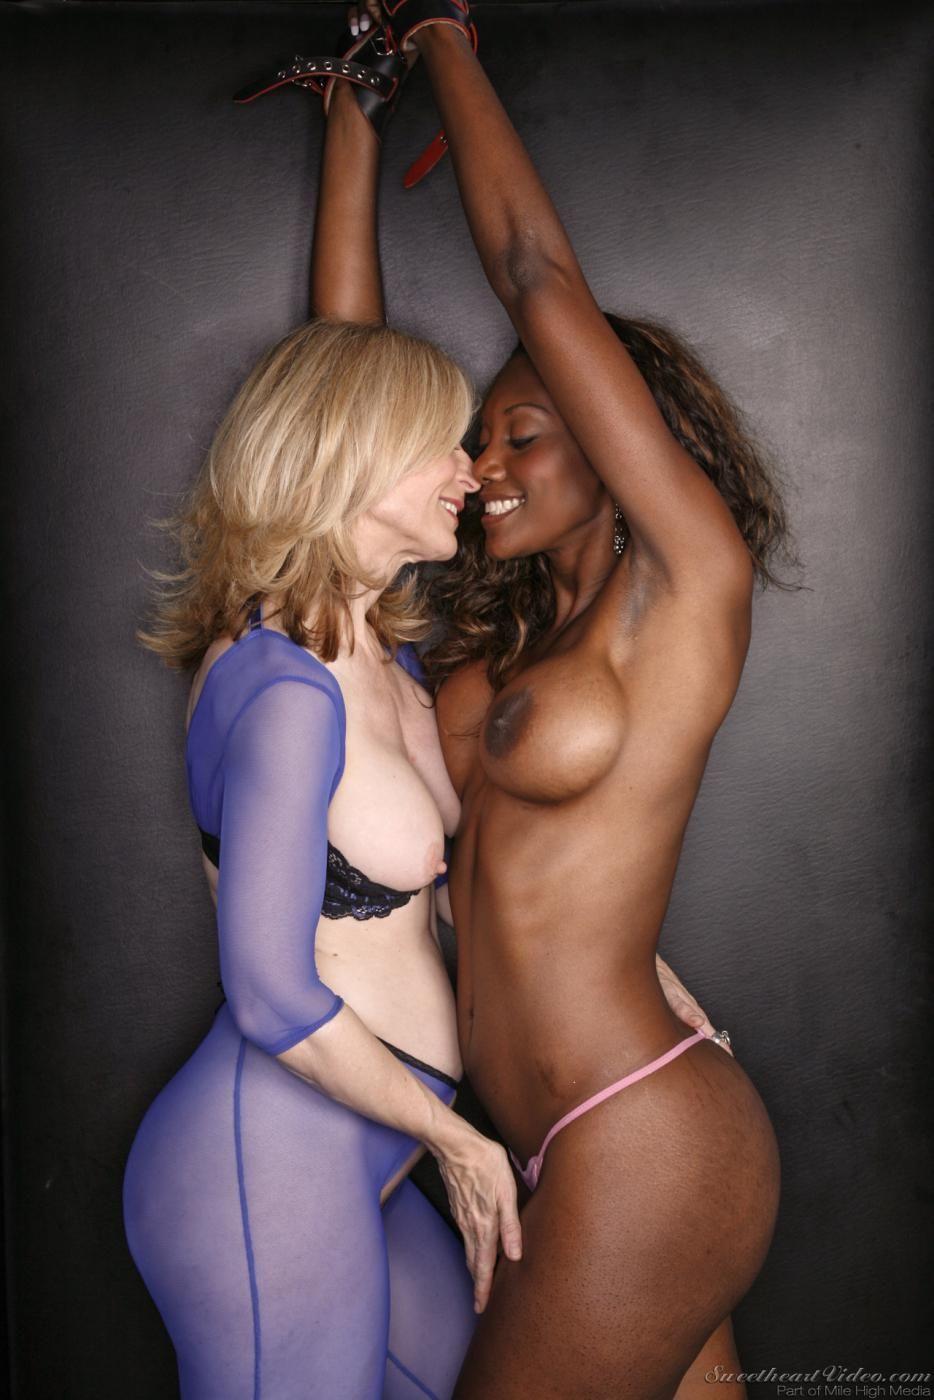 dorm porn nude interracial sex gif